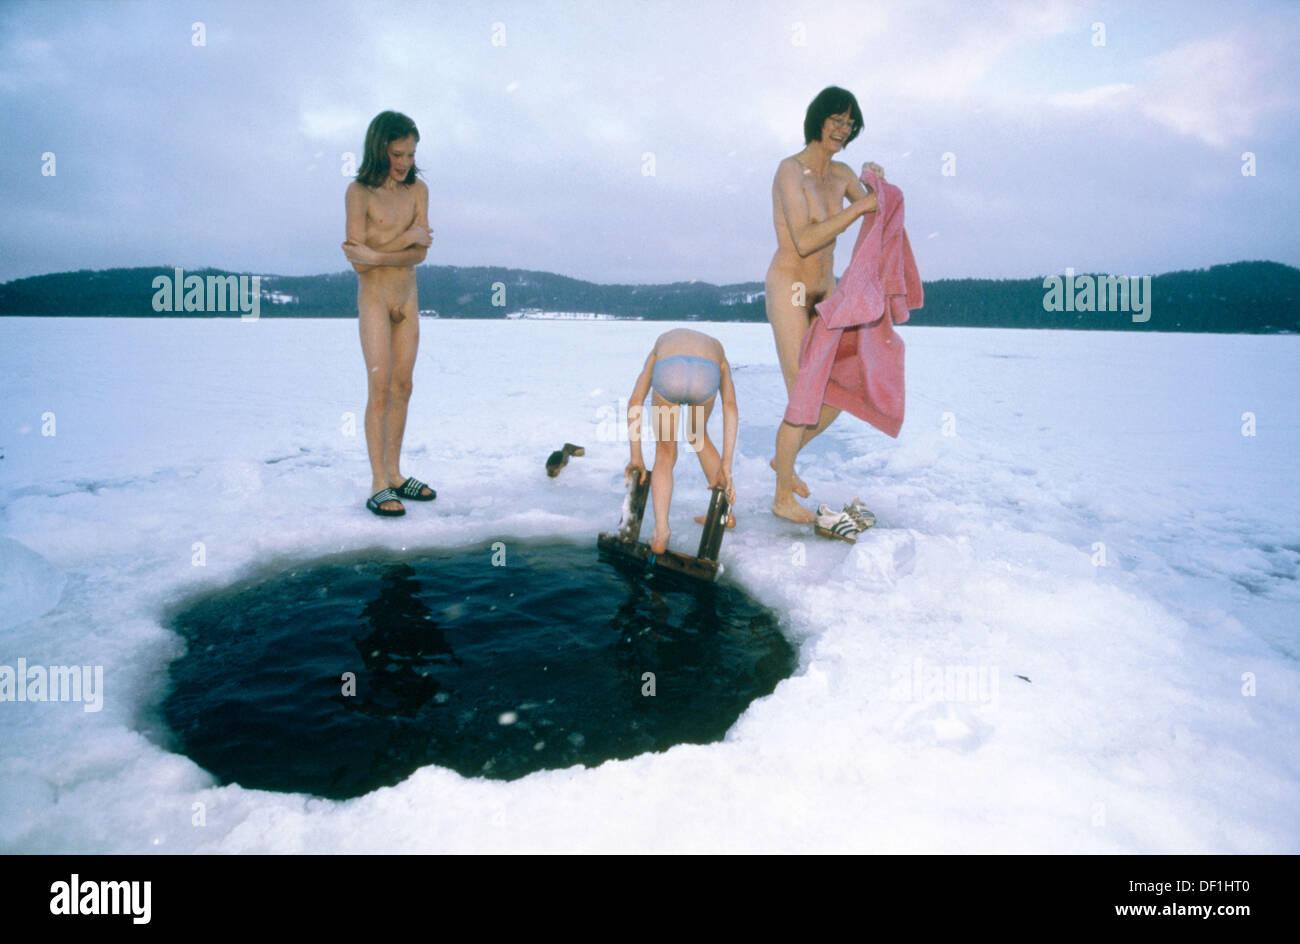 sauna stockholm gratis svensk knullfilm